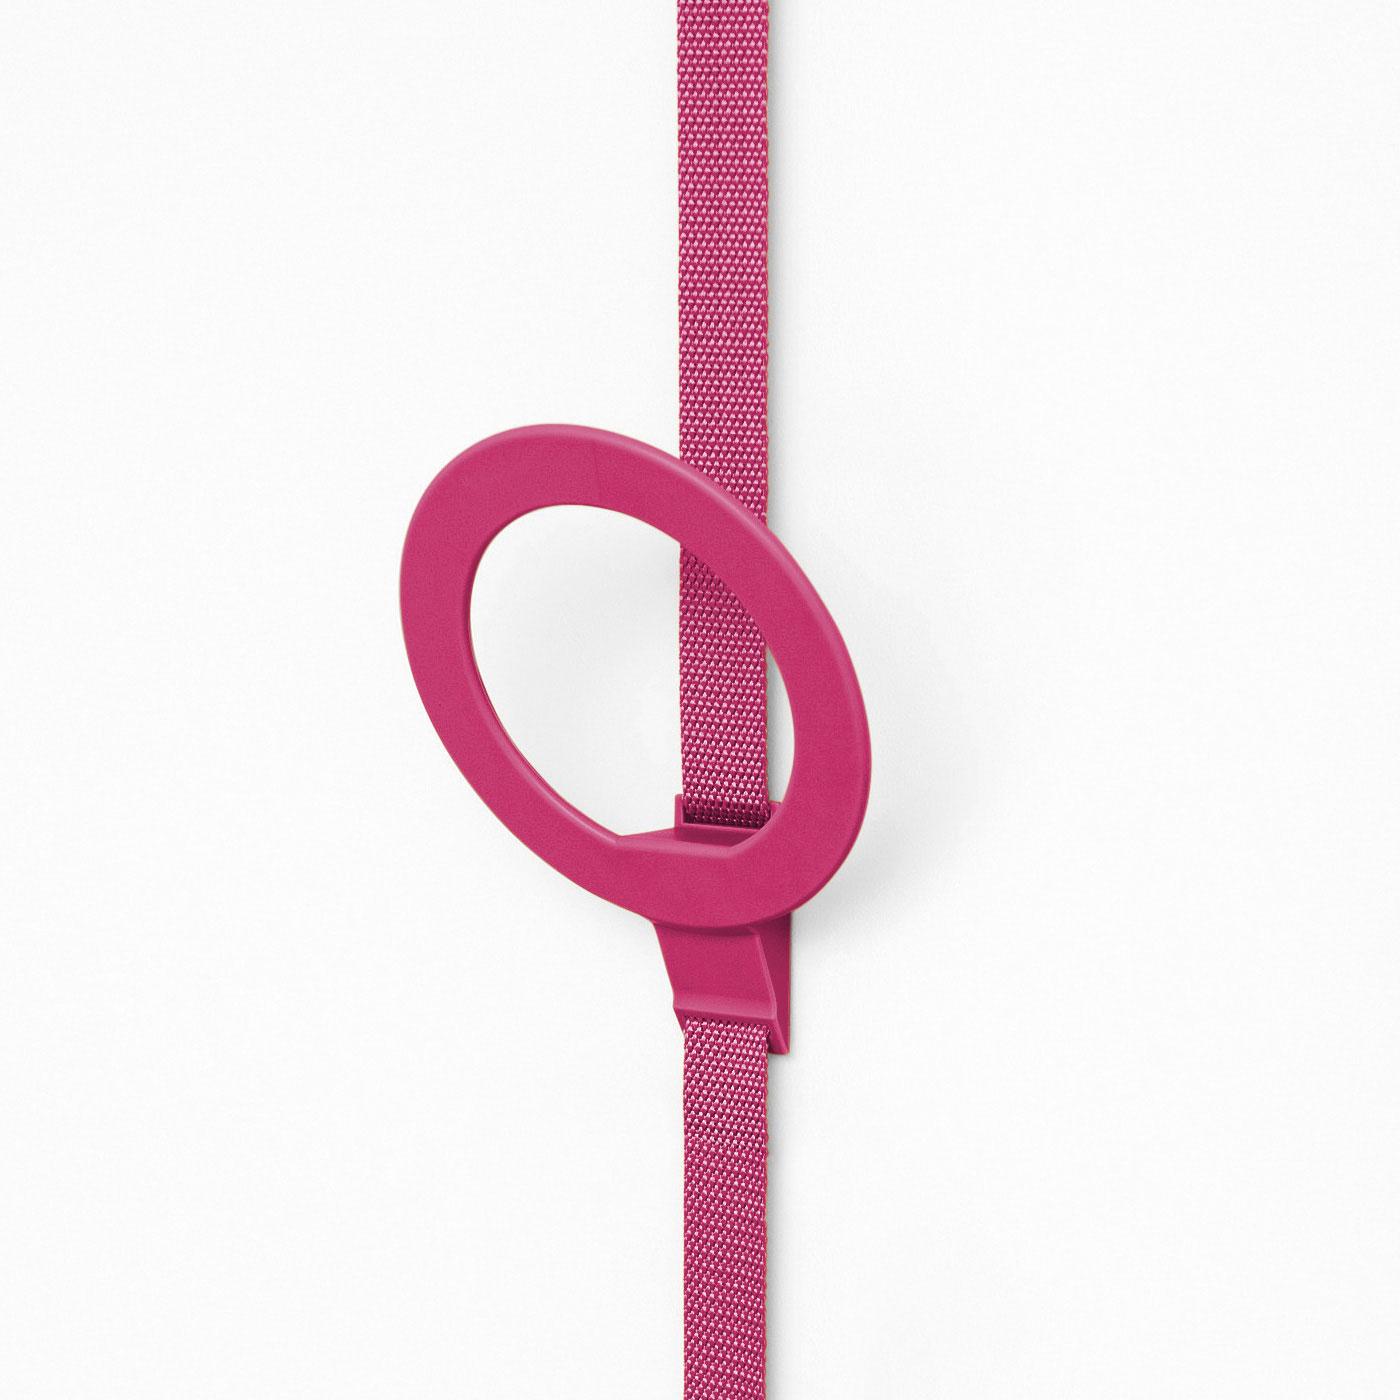 3:ピンク